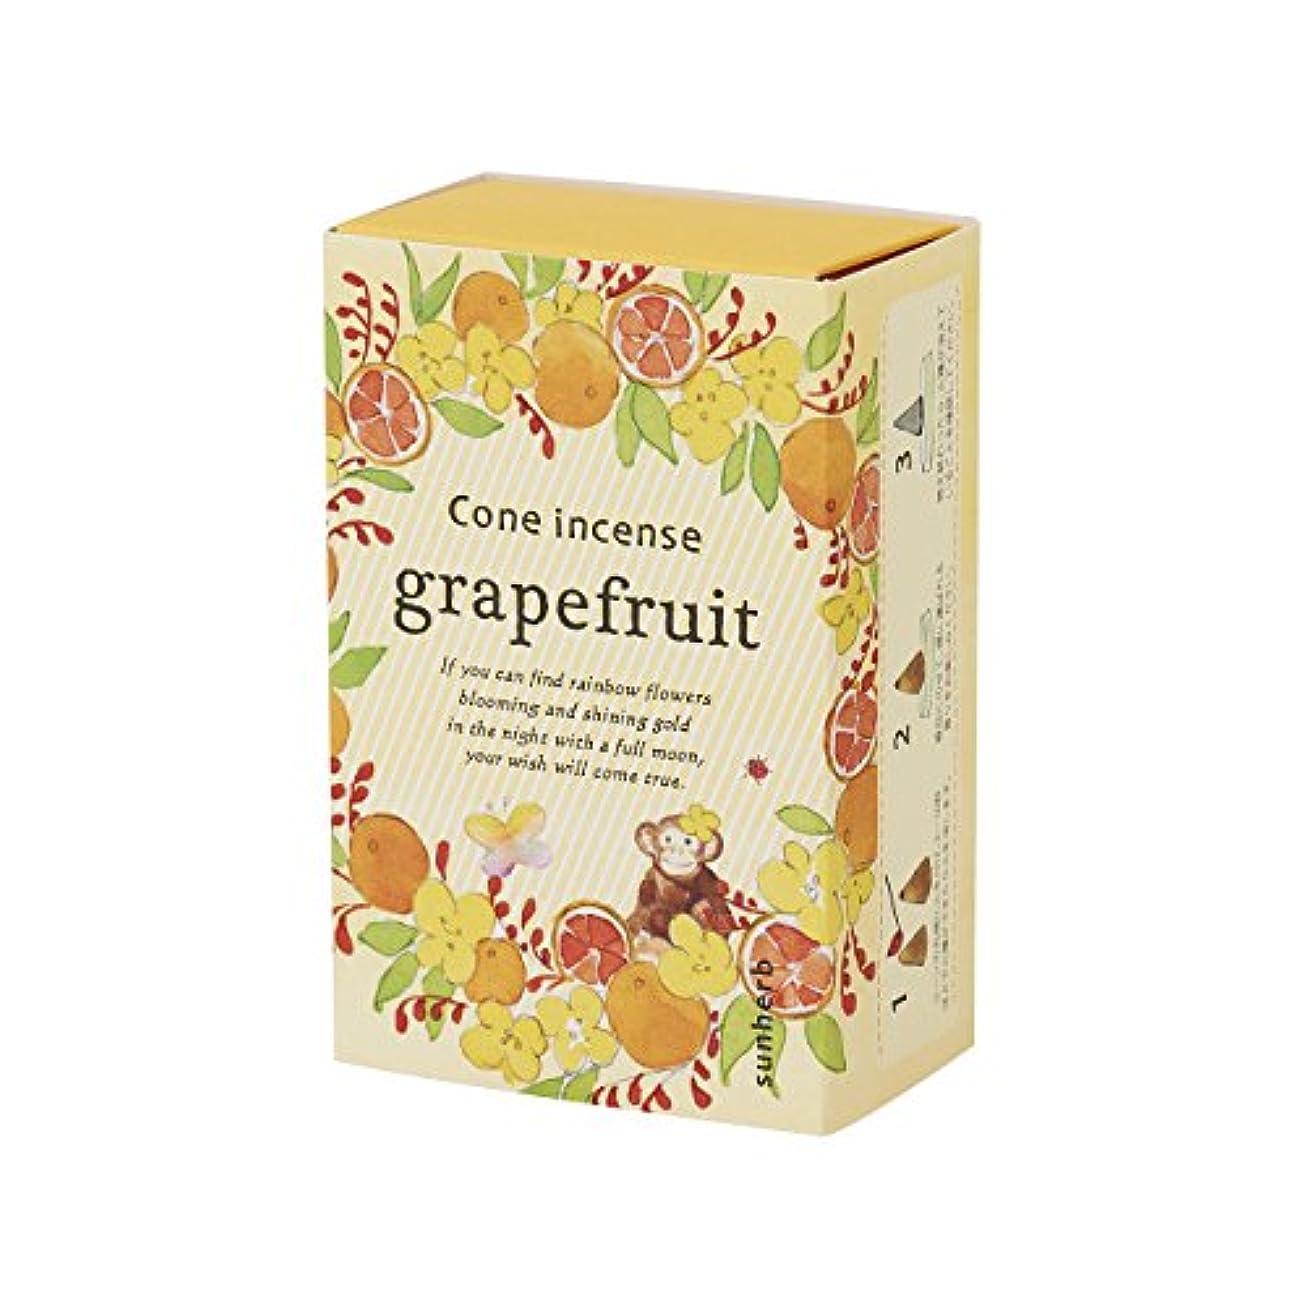 置くためにパック超える市場サンハーブ お香 コーンタイプ グレープフルーツ 16粒(インセンス 燃焼時間約20分 シャキっとまぶしい柑橘系の香り)